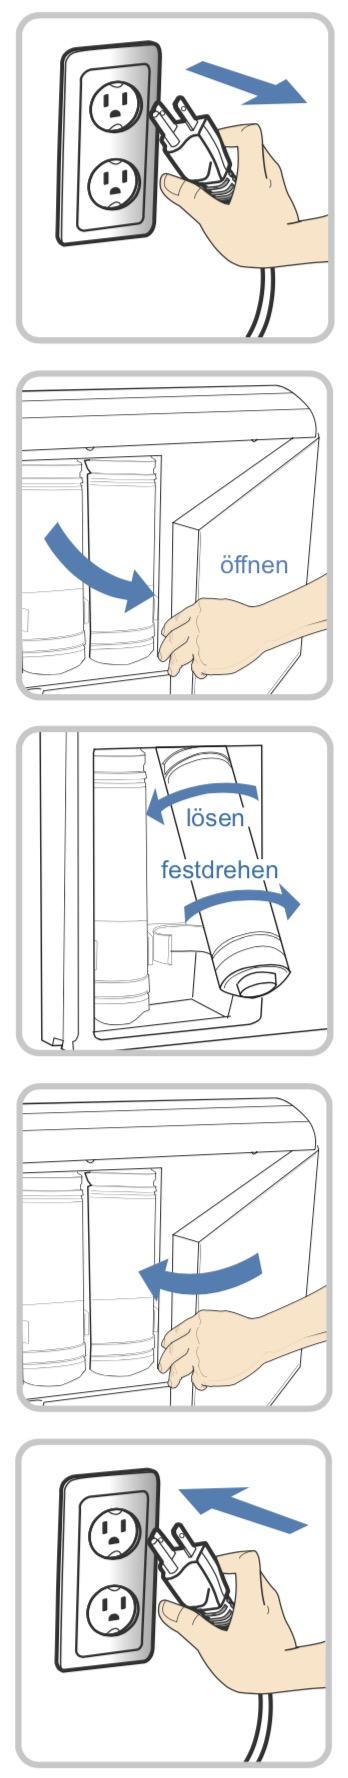 Filterreset Tyent UCE 9000 und 11 Untertisch Wasserionisierer m Text